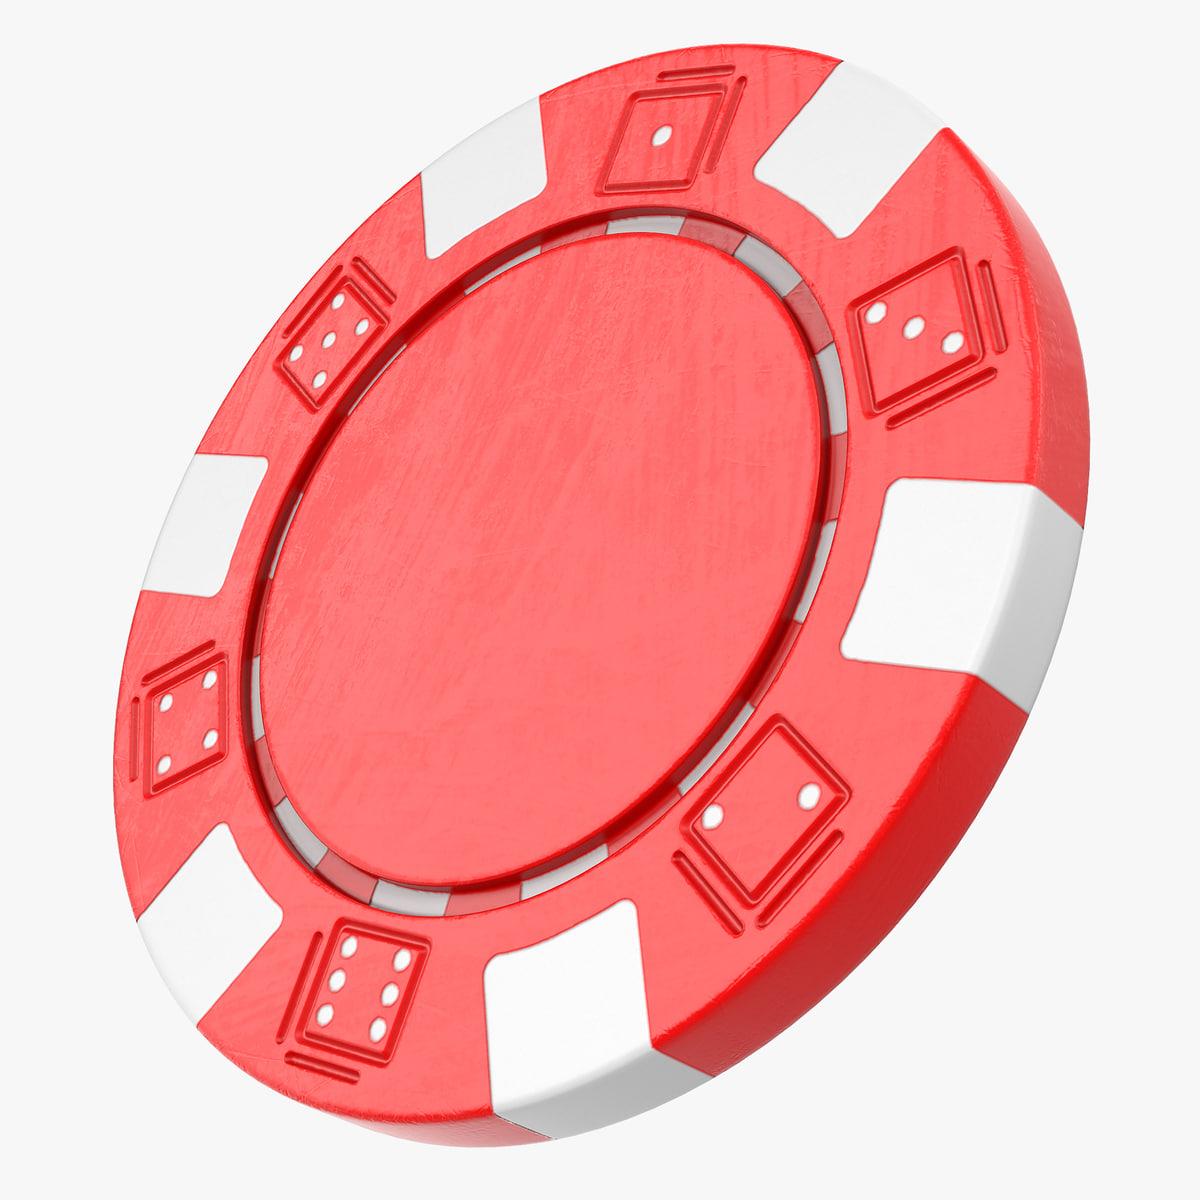 striped dice poker chip model